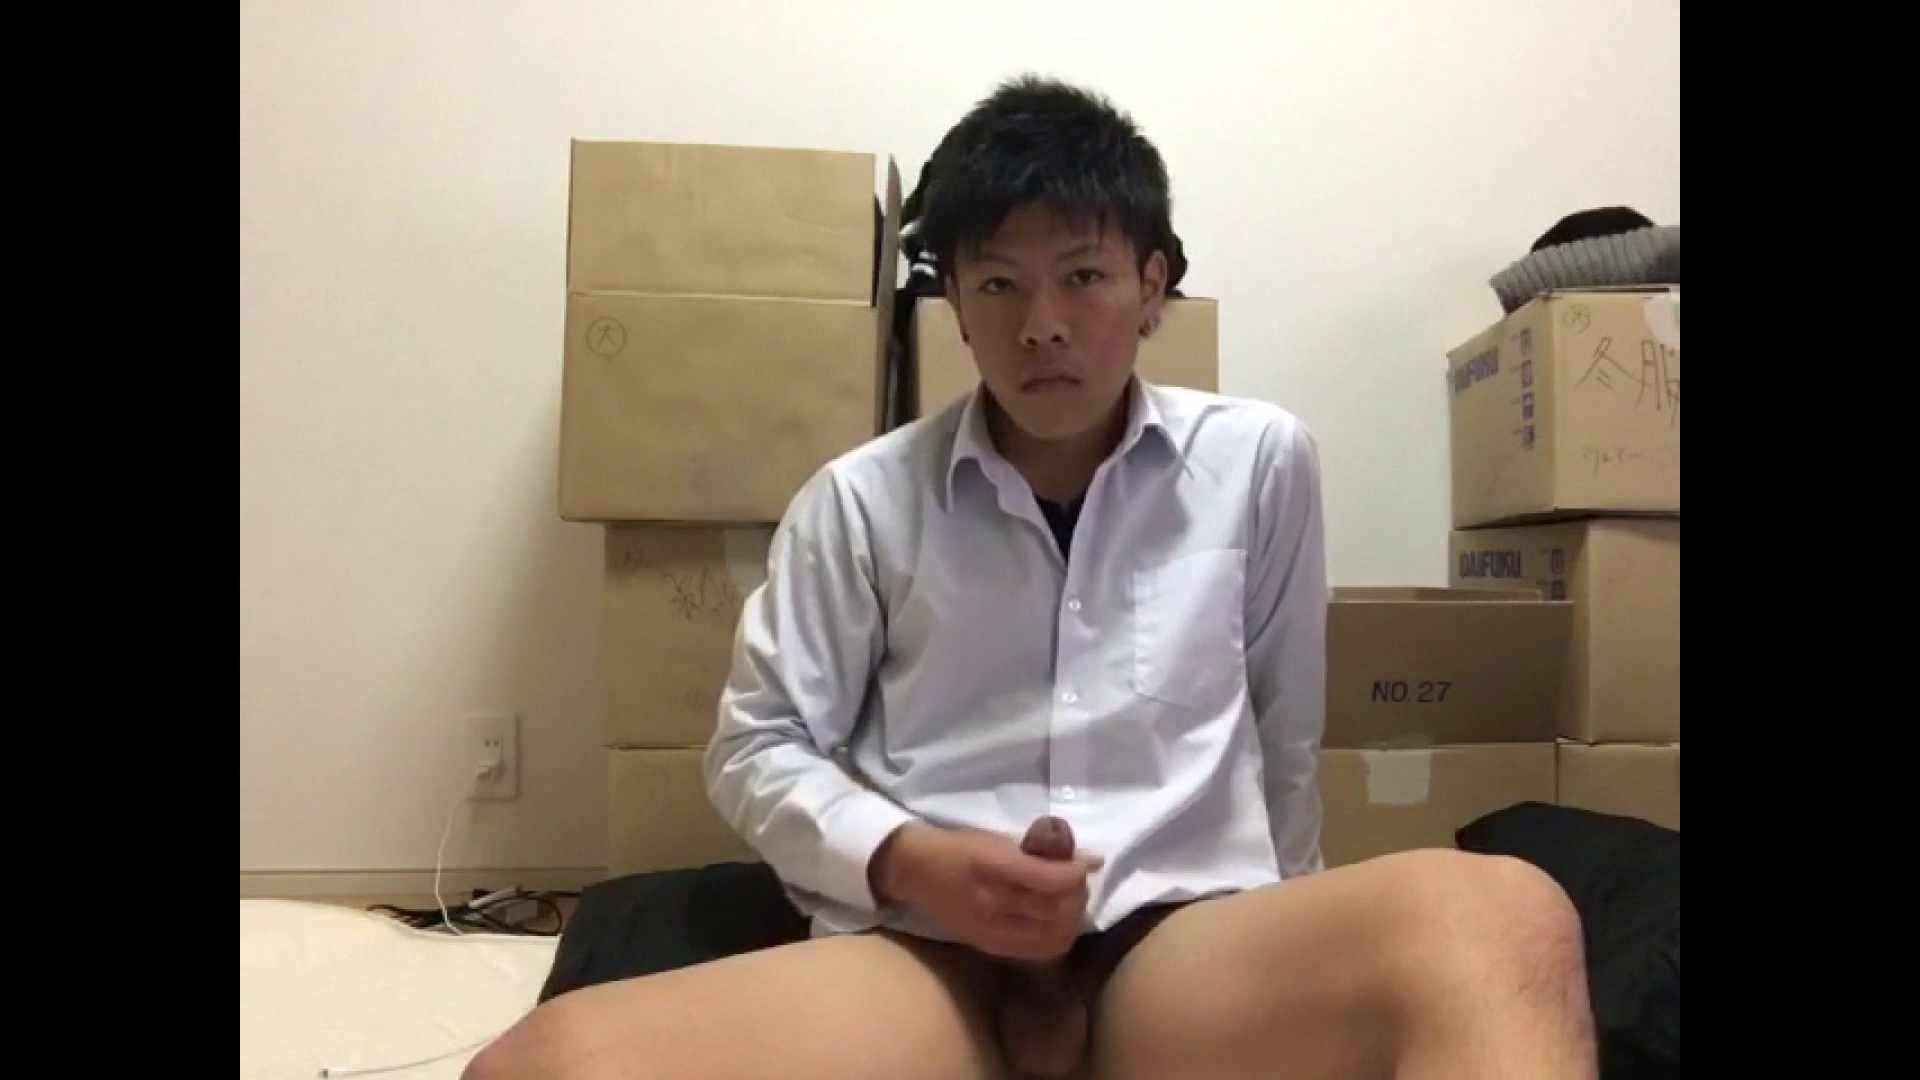 個人撮影 自慰の極意 Vol.1 個人撮影 ゲイエロ動画 101枚 34